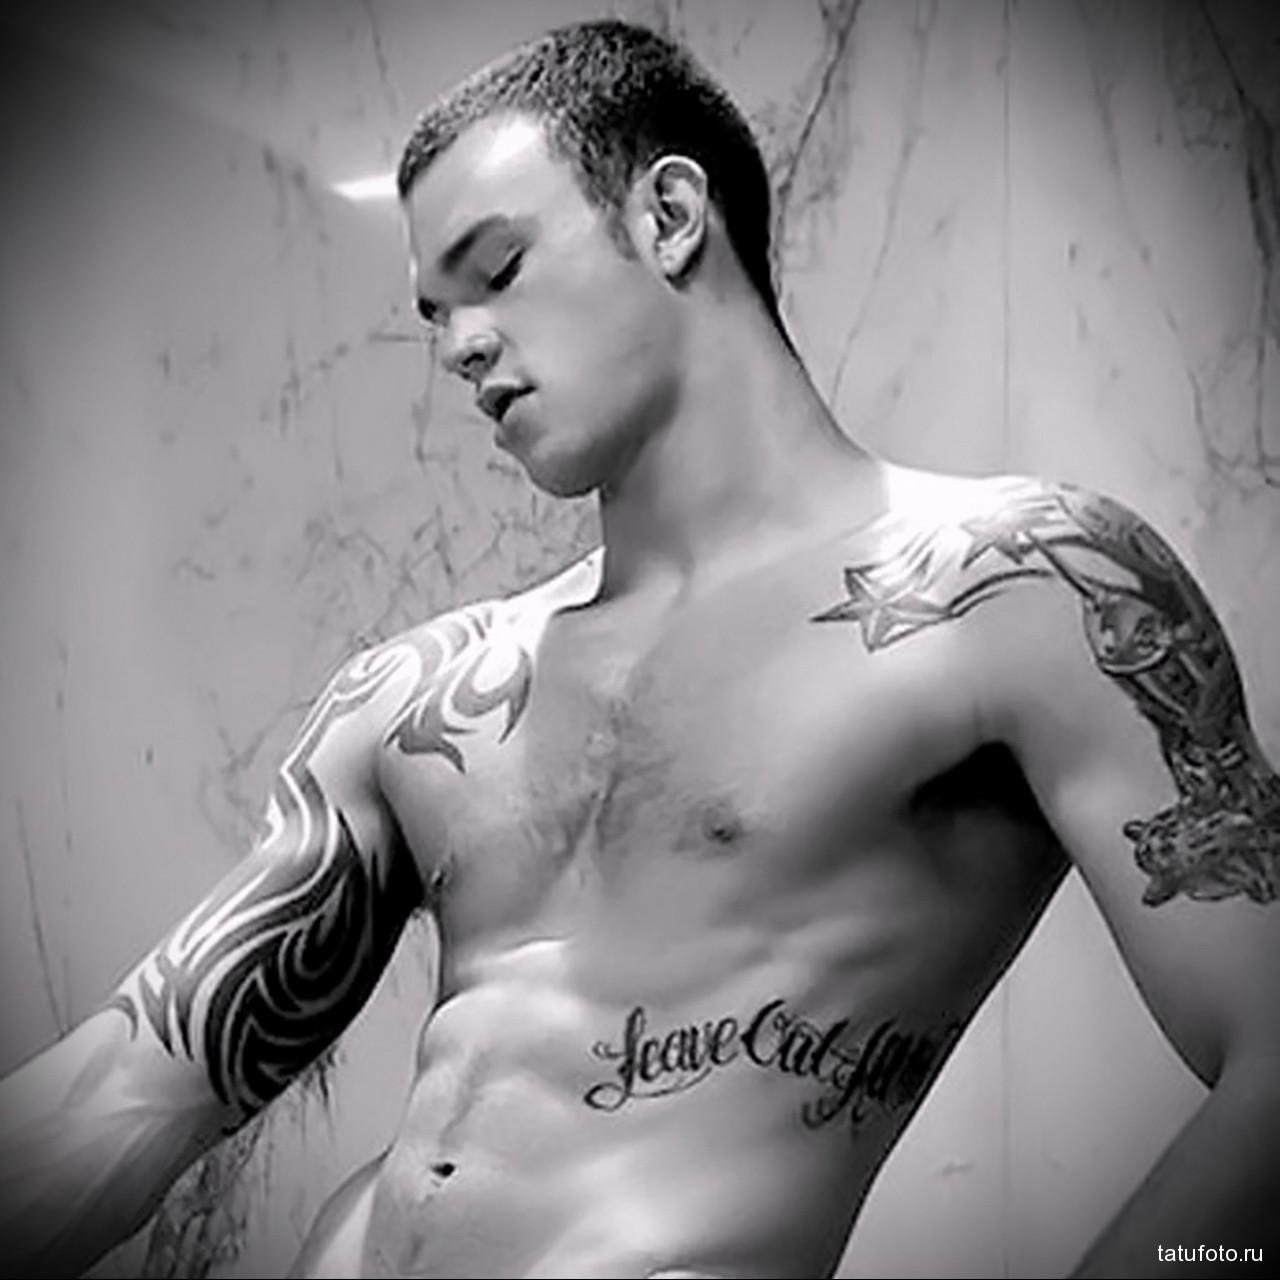 молодой парень в тату - мужская татуировка на плече